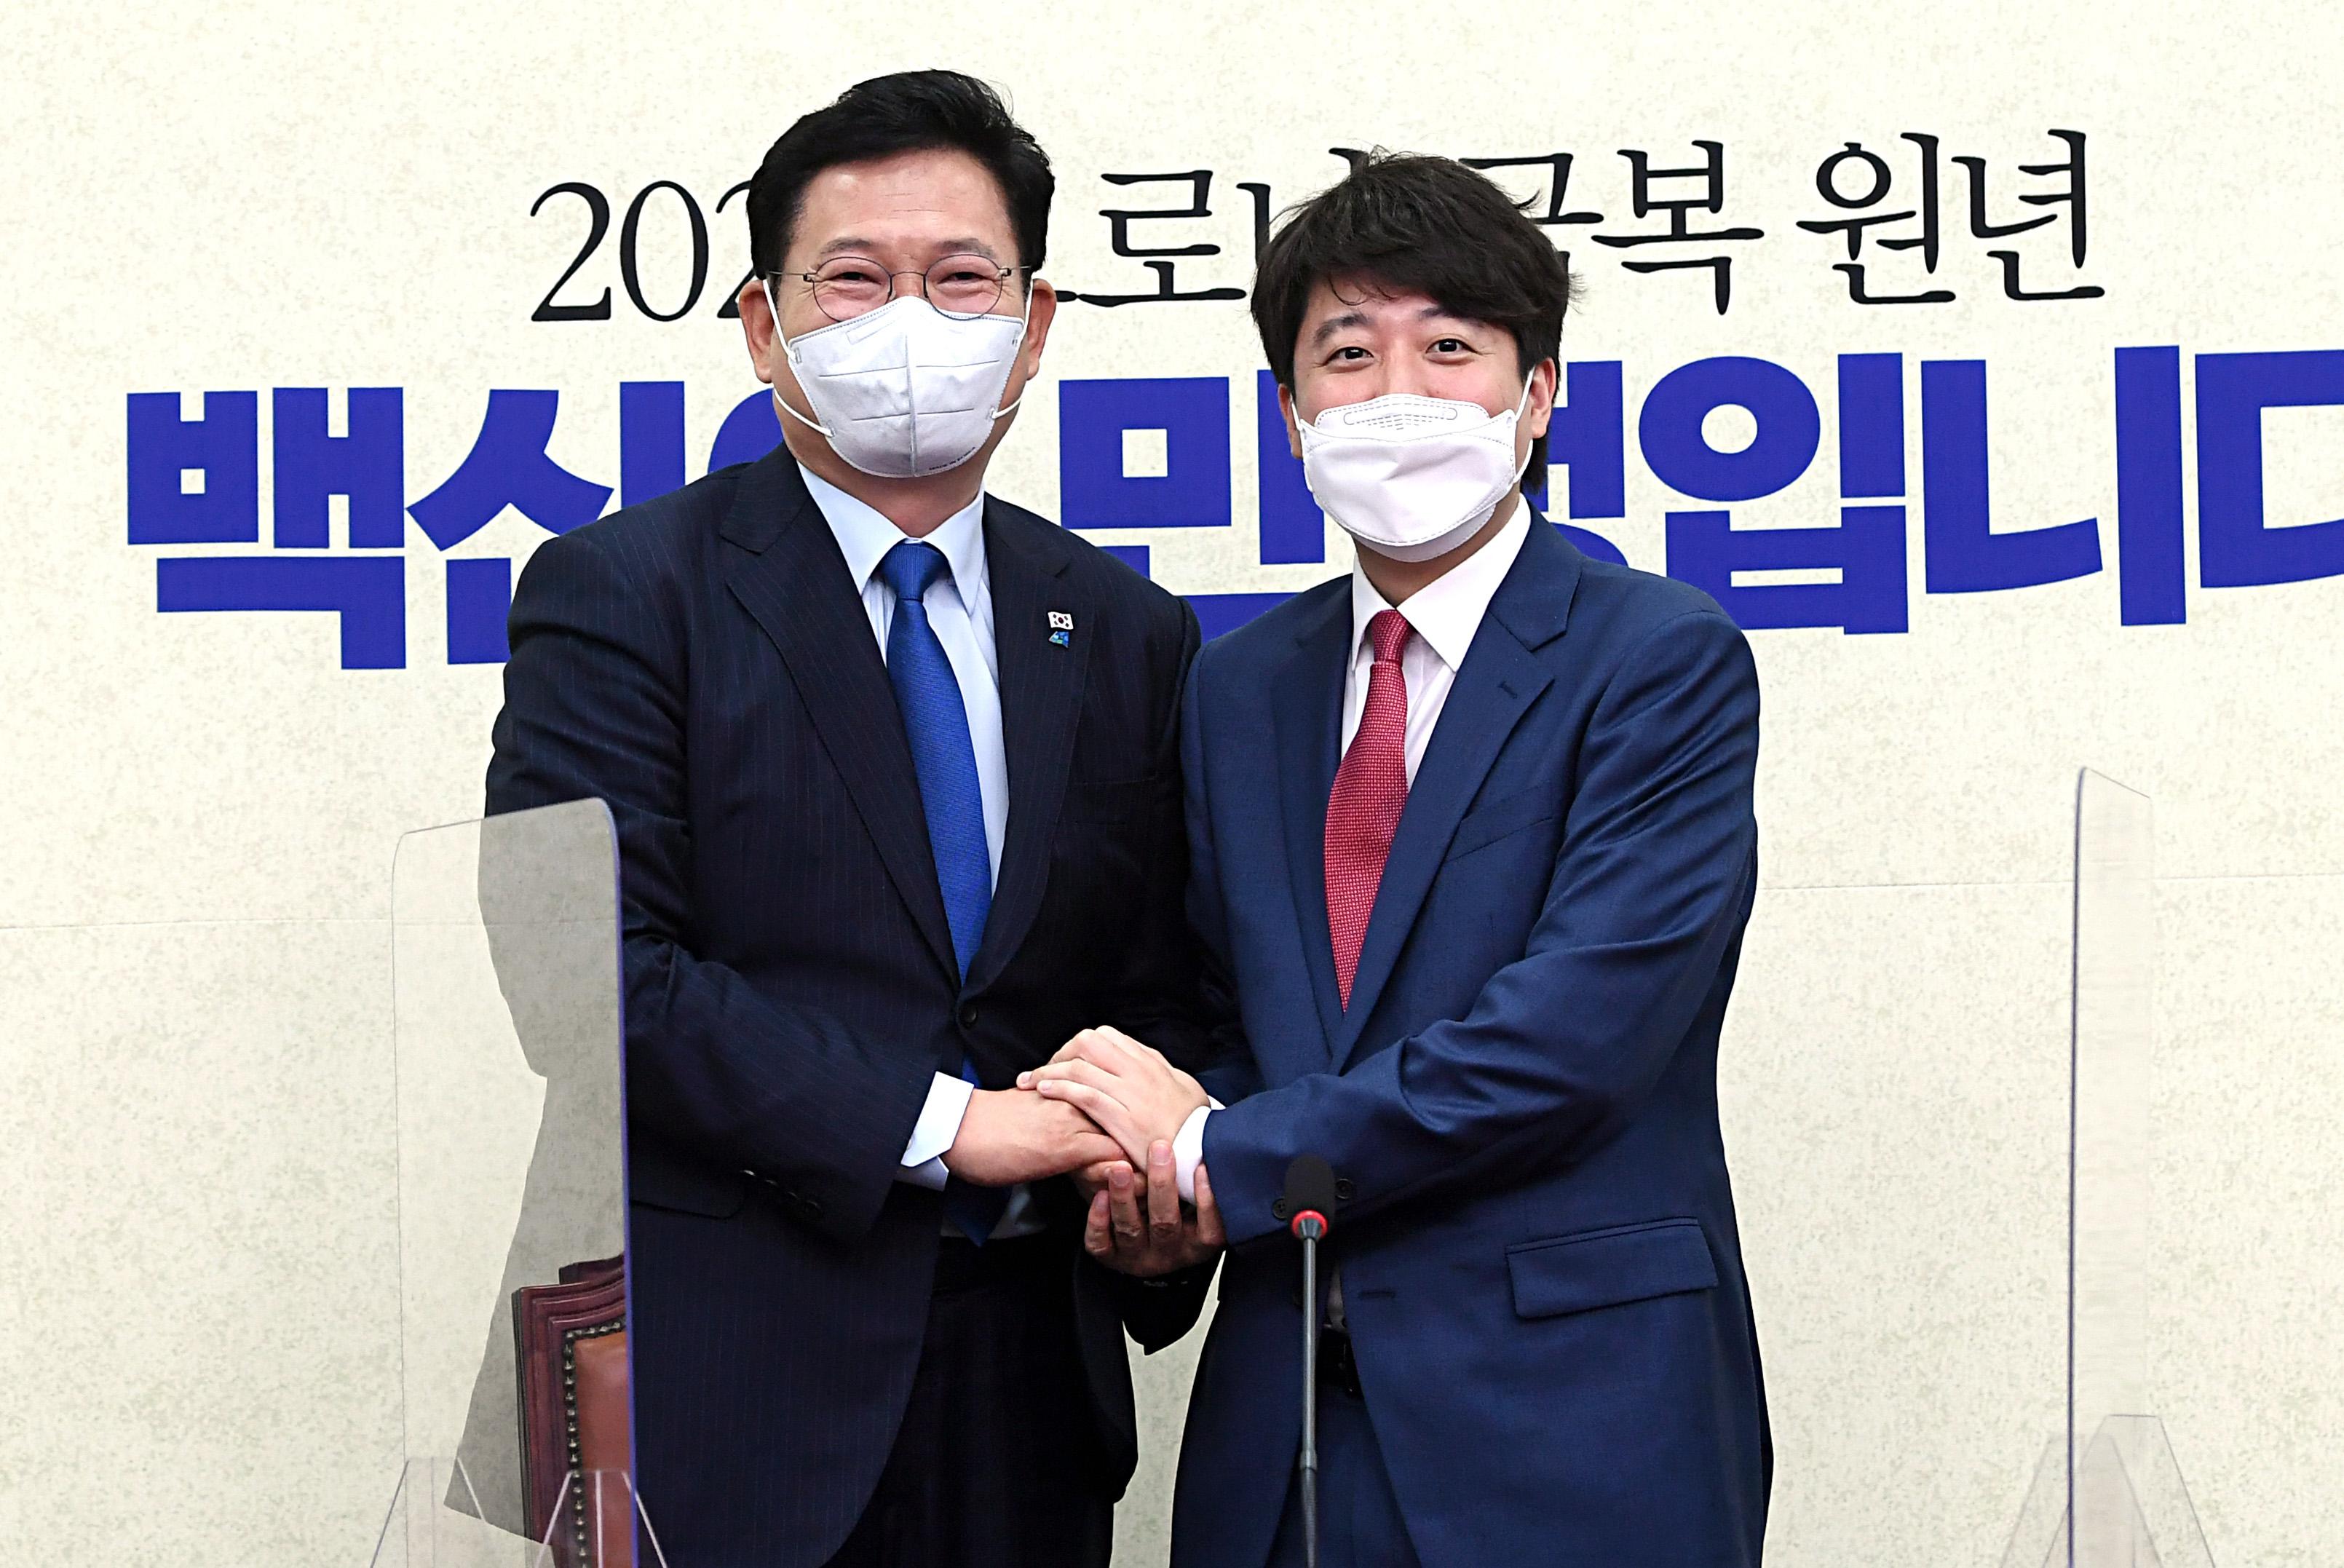 """송영길 예방한 이준석 """"정치 선배, 식사 한번 대접하겠다"""""""